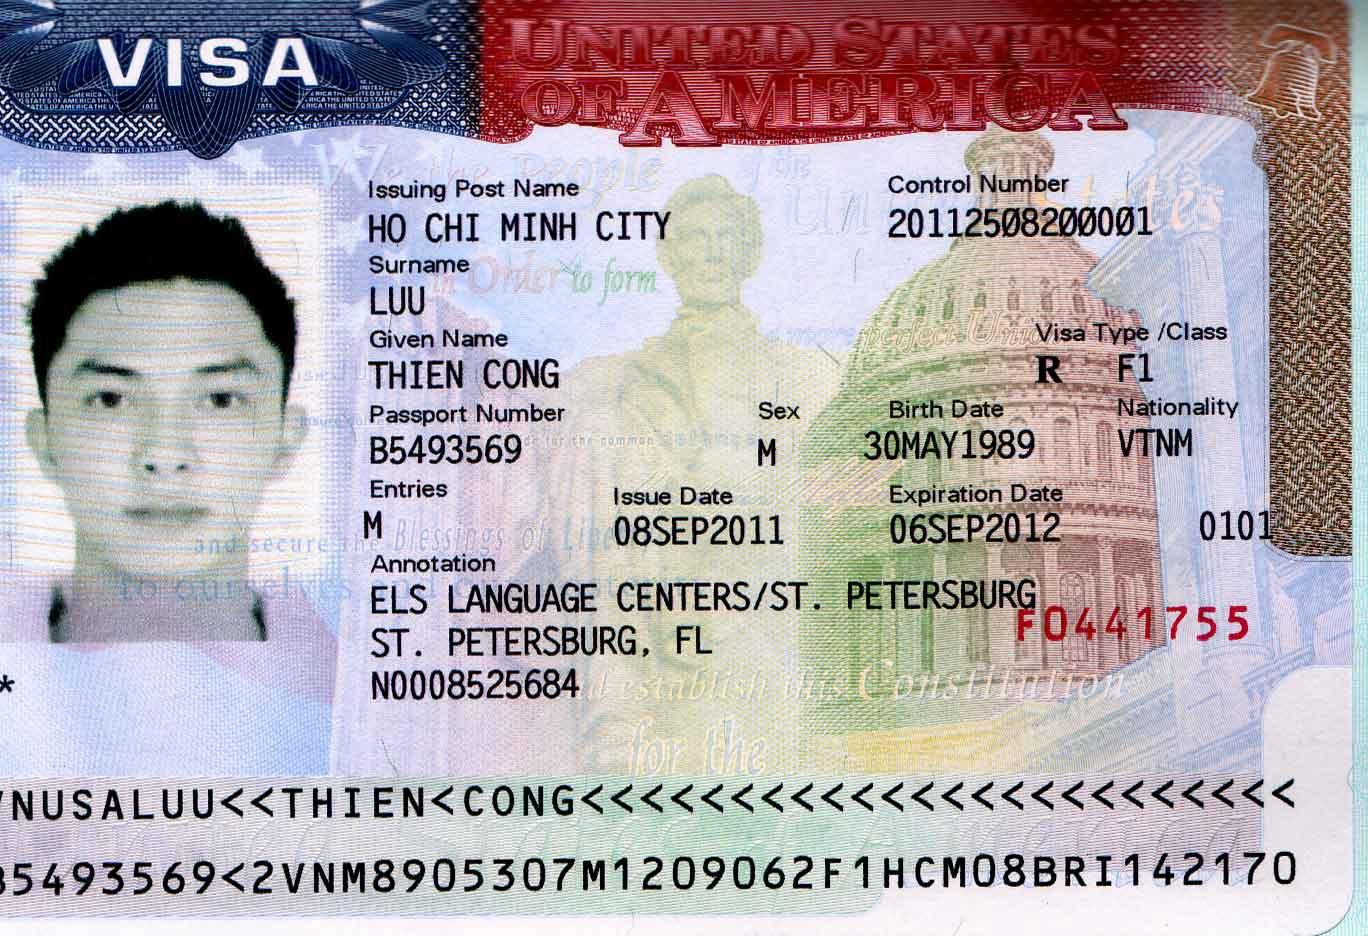 Hồ sơ làm visa đi Mỹ tại Đà Nẵng để đi du lịch bao gồm những giấy tờ gì?